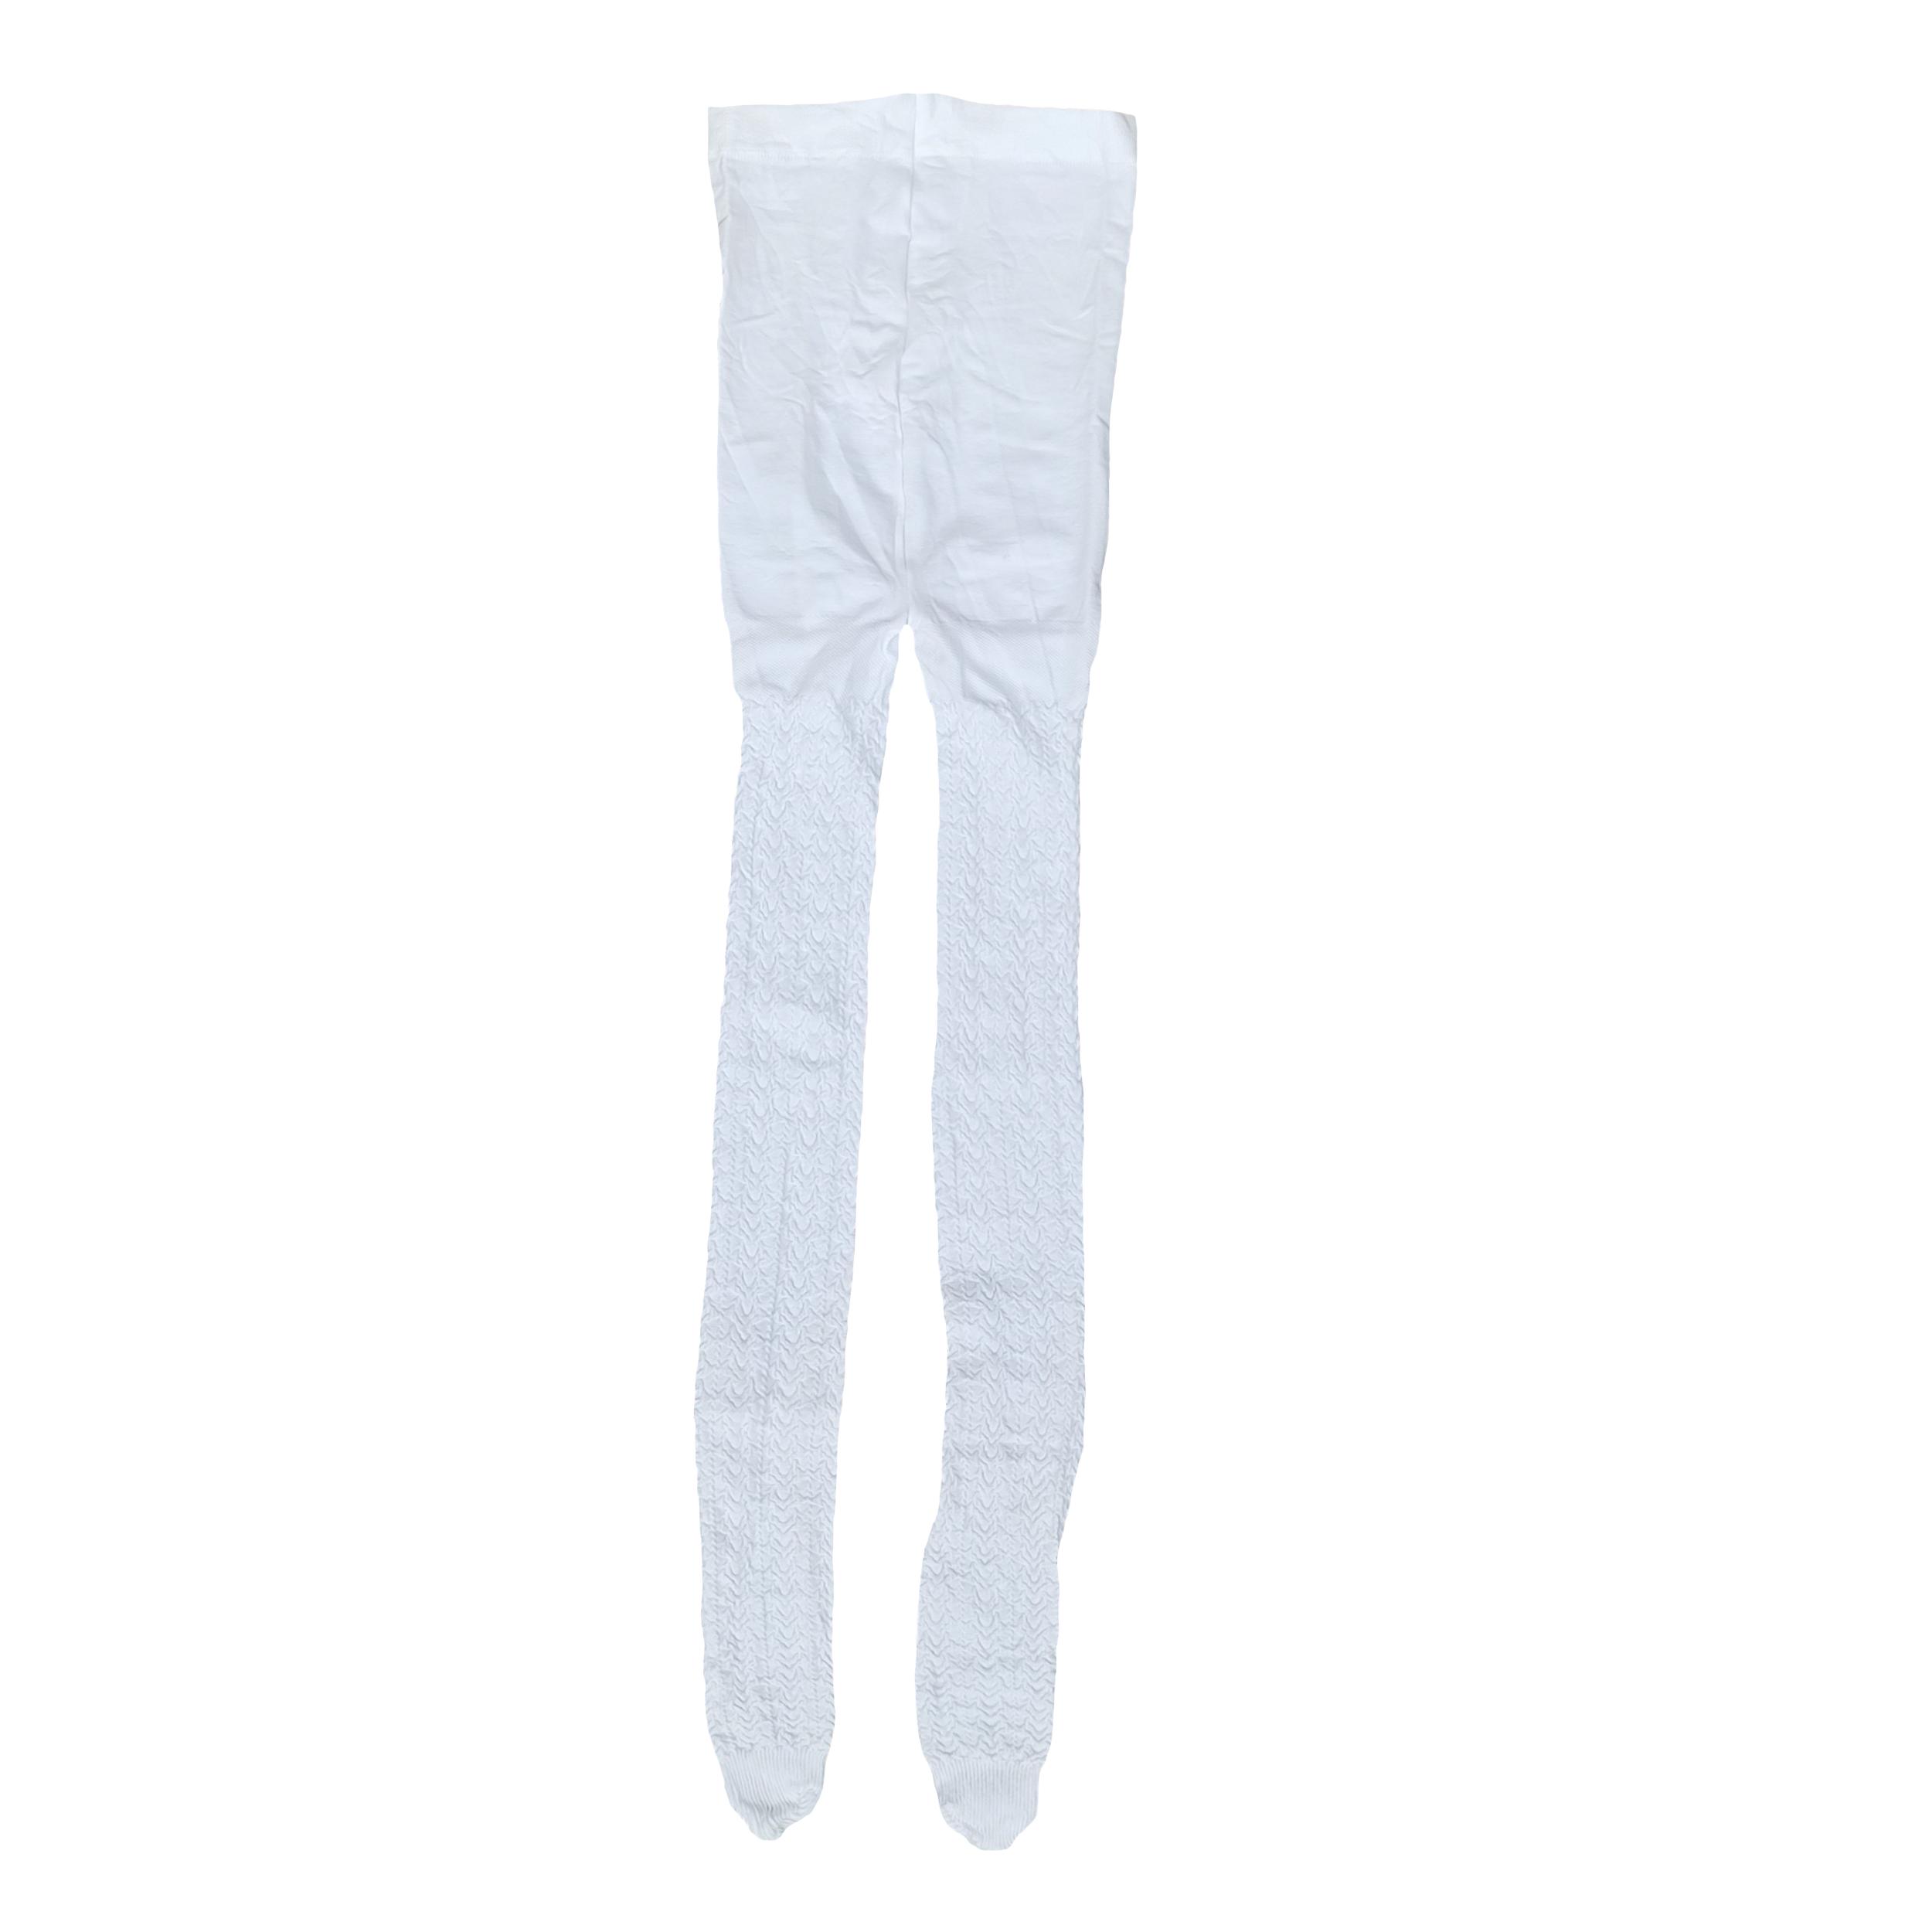 جوراب شلواری دخترانه پِنتی مدل M85 رنگ سفید